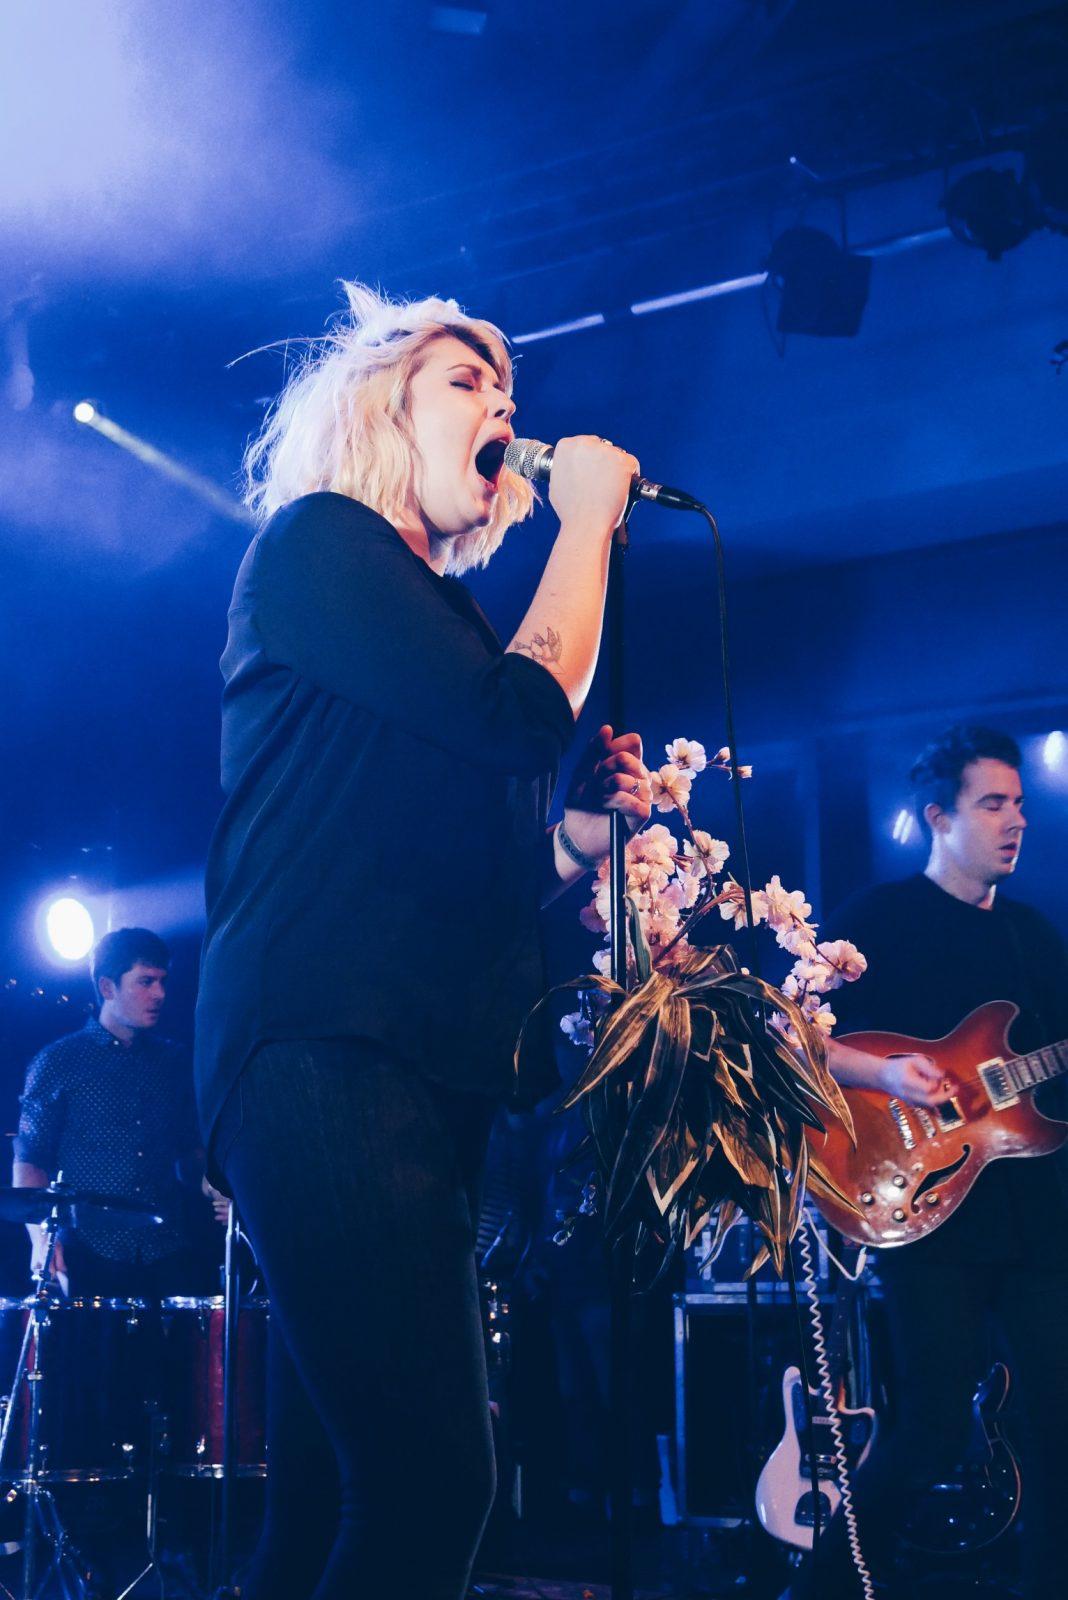 Raphaëlle-chanteuse-groupe-Metro-Verlaine-concert-Trans-Musicales-2016-festival-photo-scène-usofparis-blog